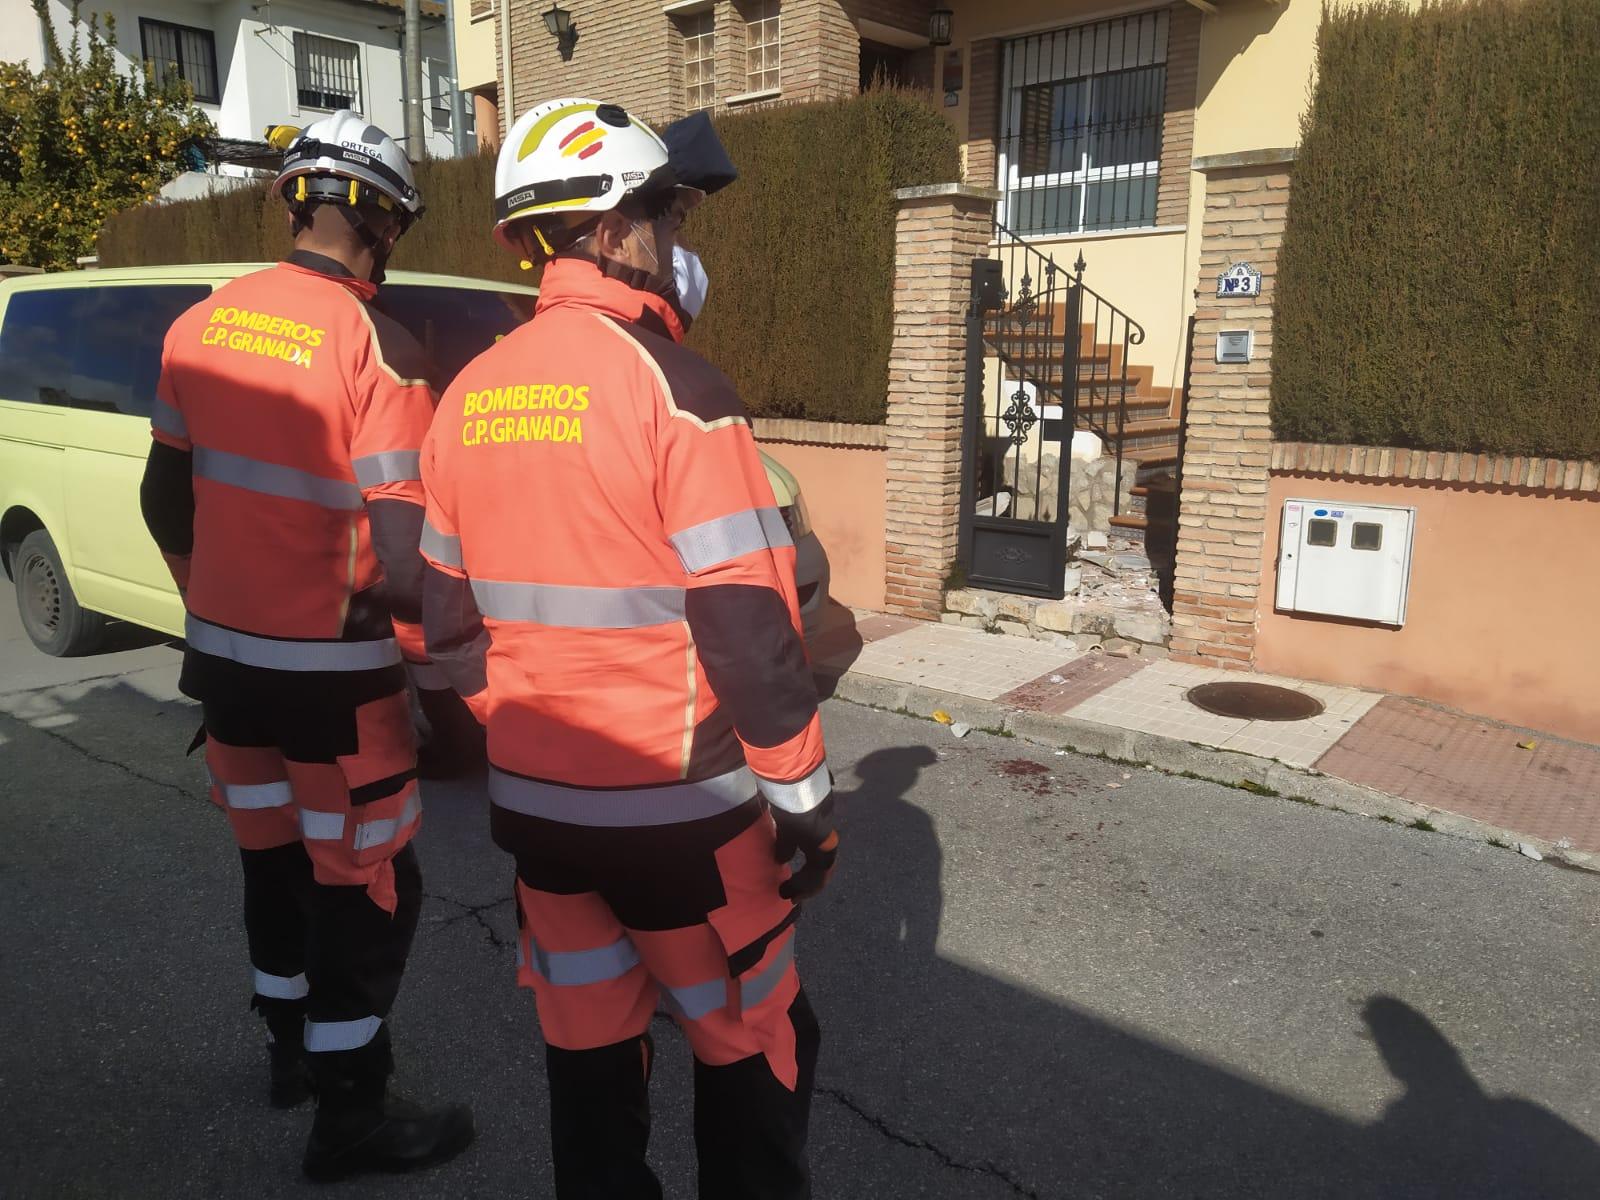 bomberos-atarfe